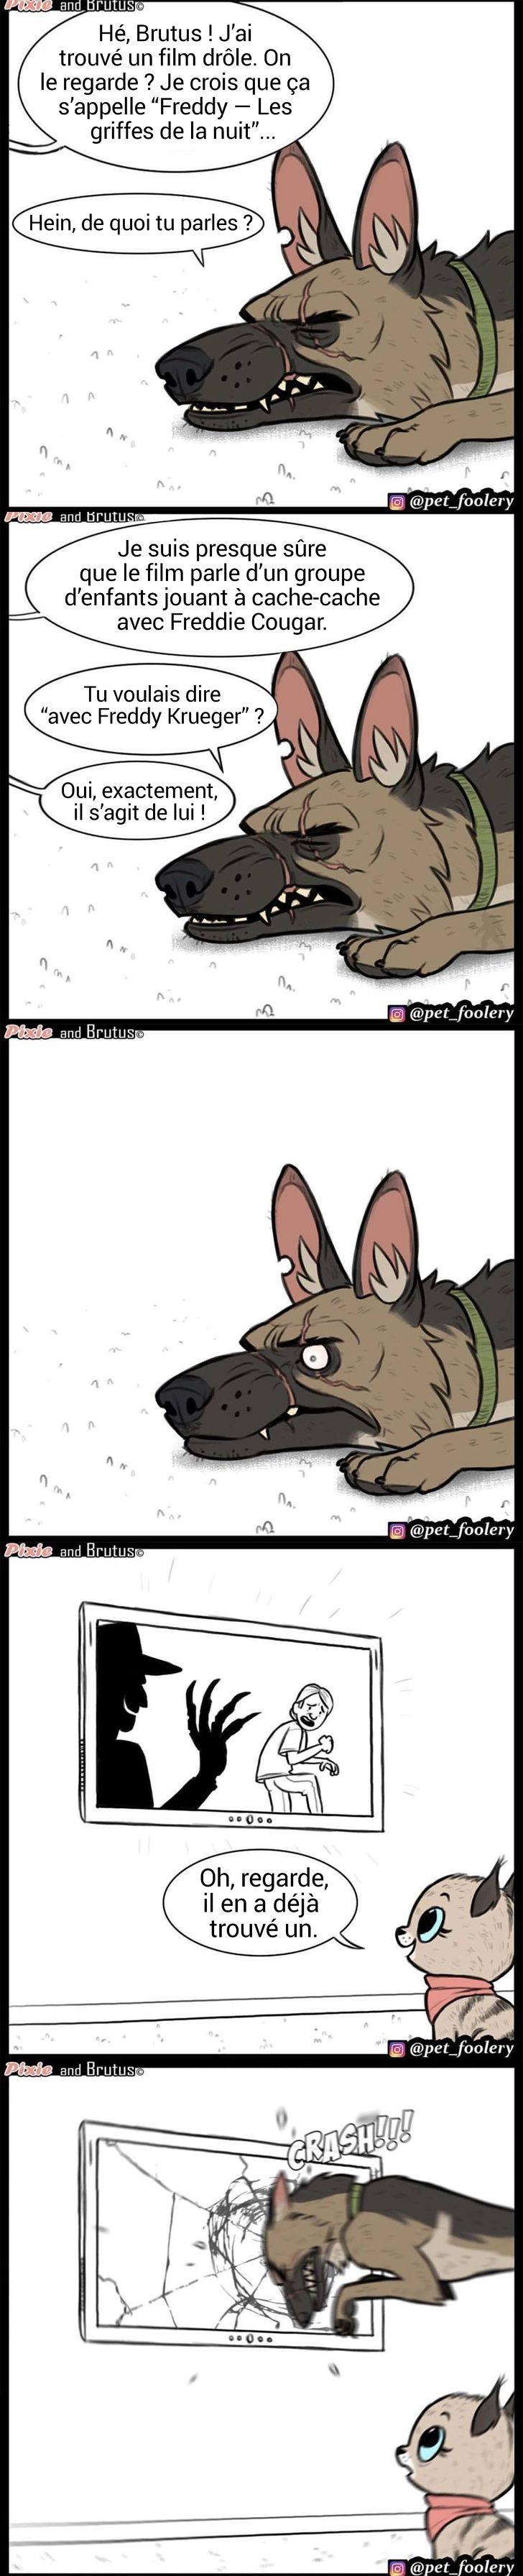 Un artiste dessine des bandes dessinées sur lamitié dun chaton adorable et dun chien qui ne laisseront personne indifférent